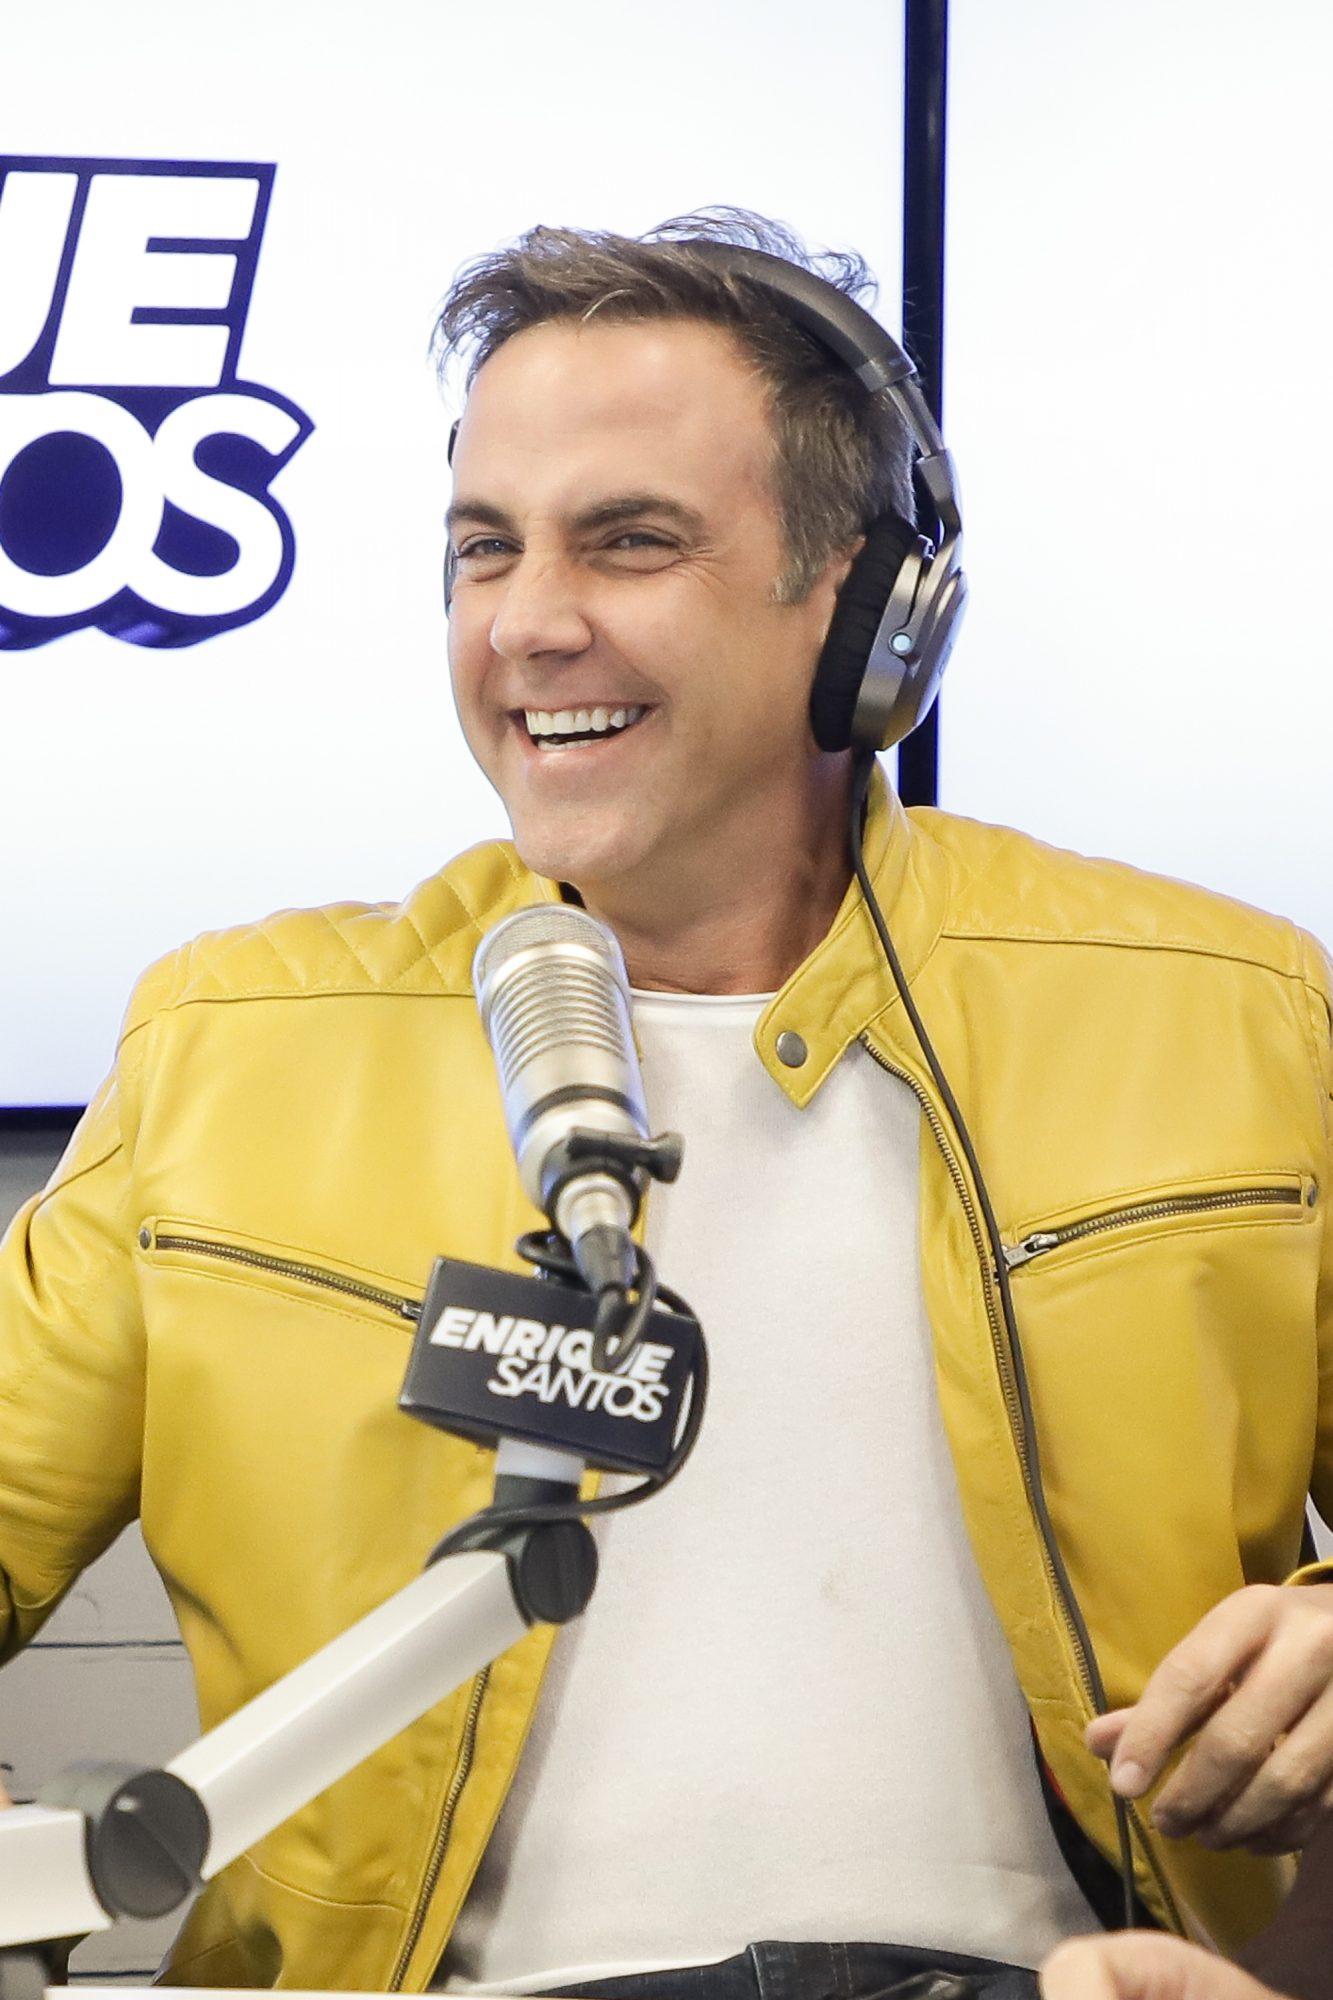 Celebrities Visit The Enrique Santos Show